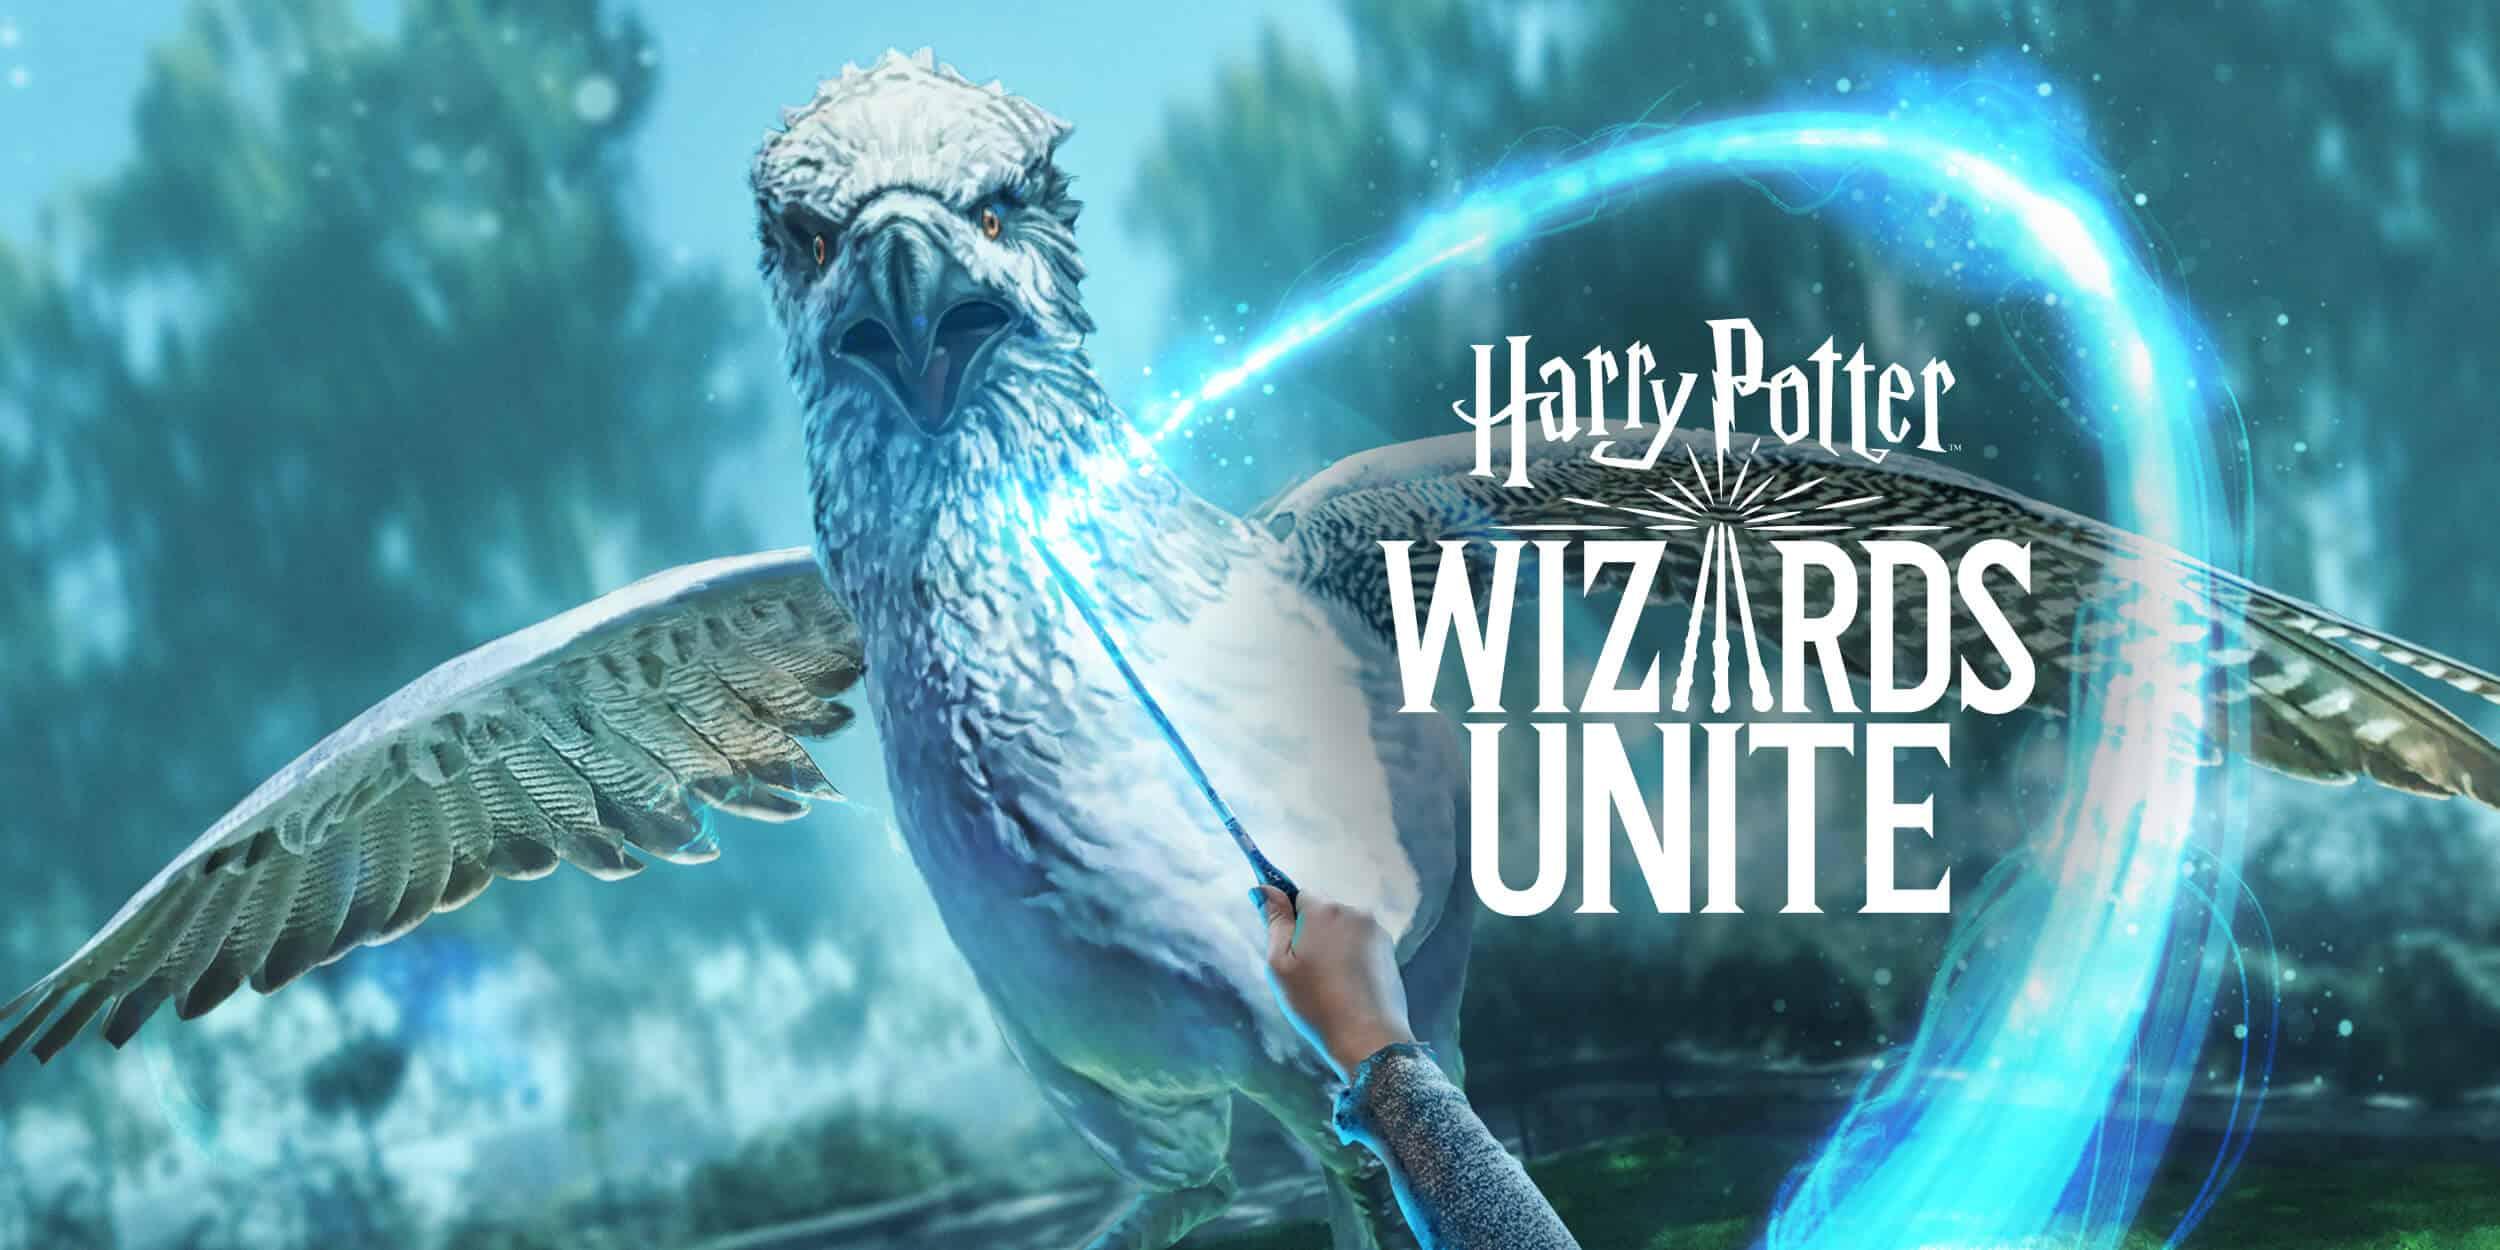 Le jeu en réalité augmentée Harry Potter Wizards Unite arrive en bêta